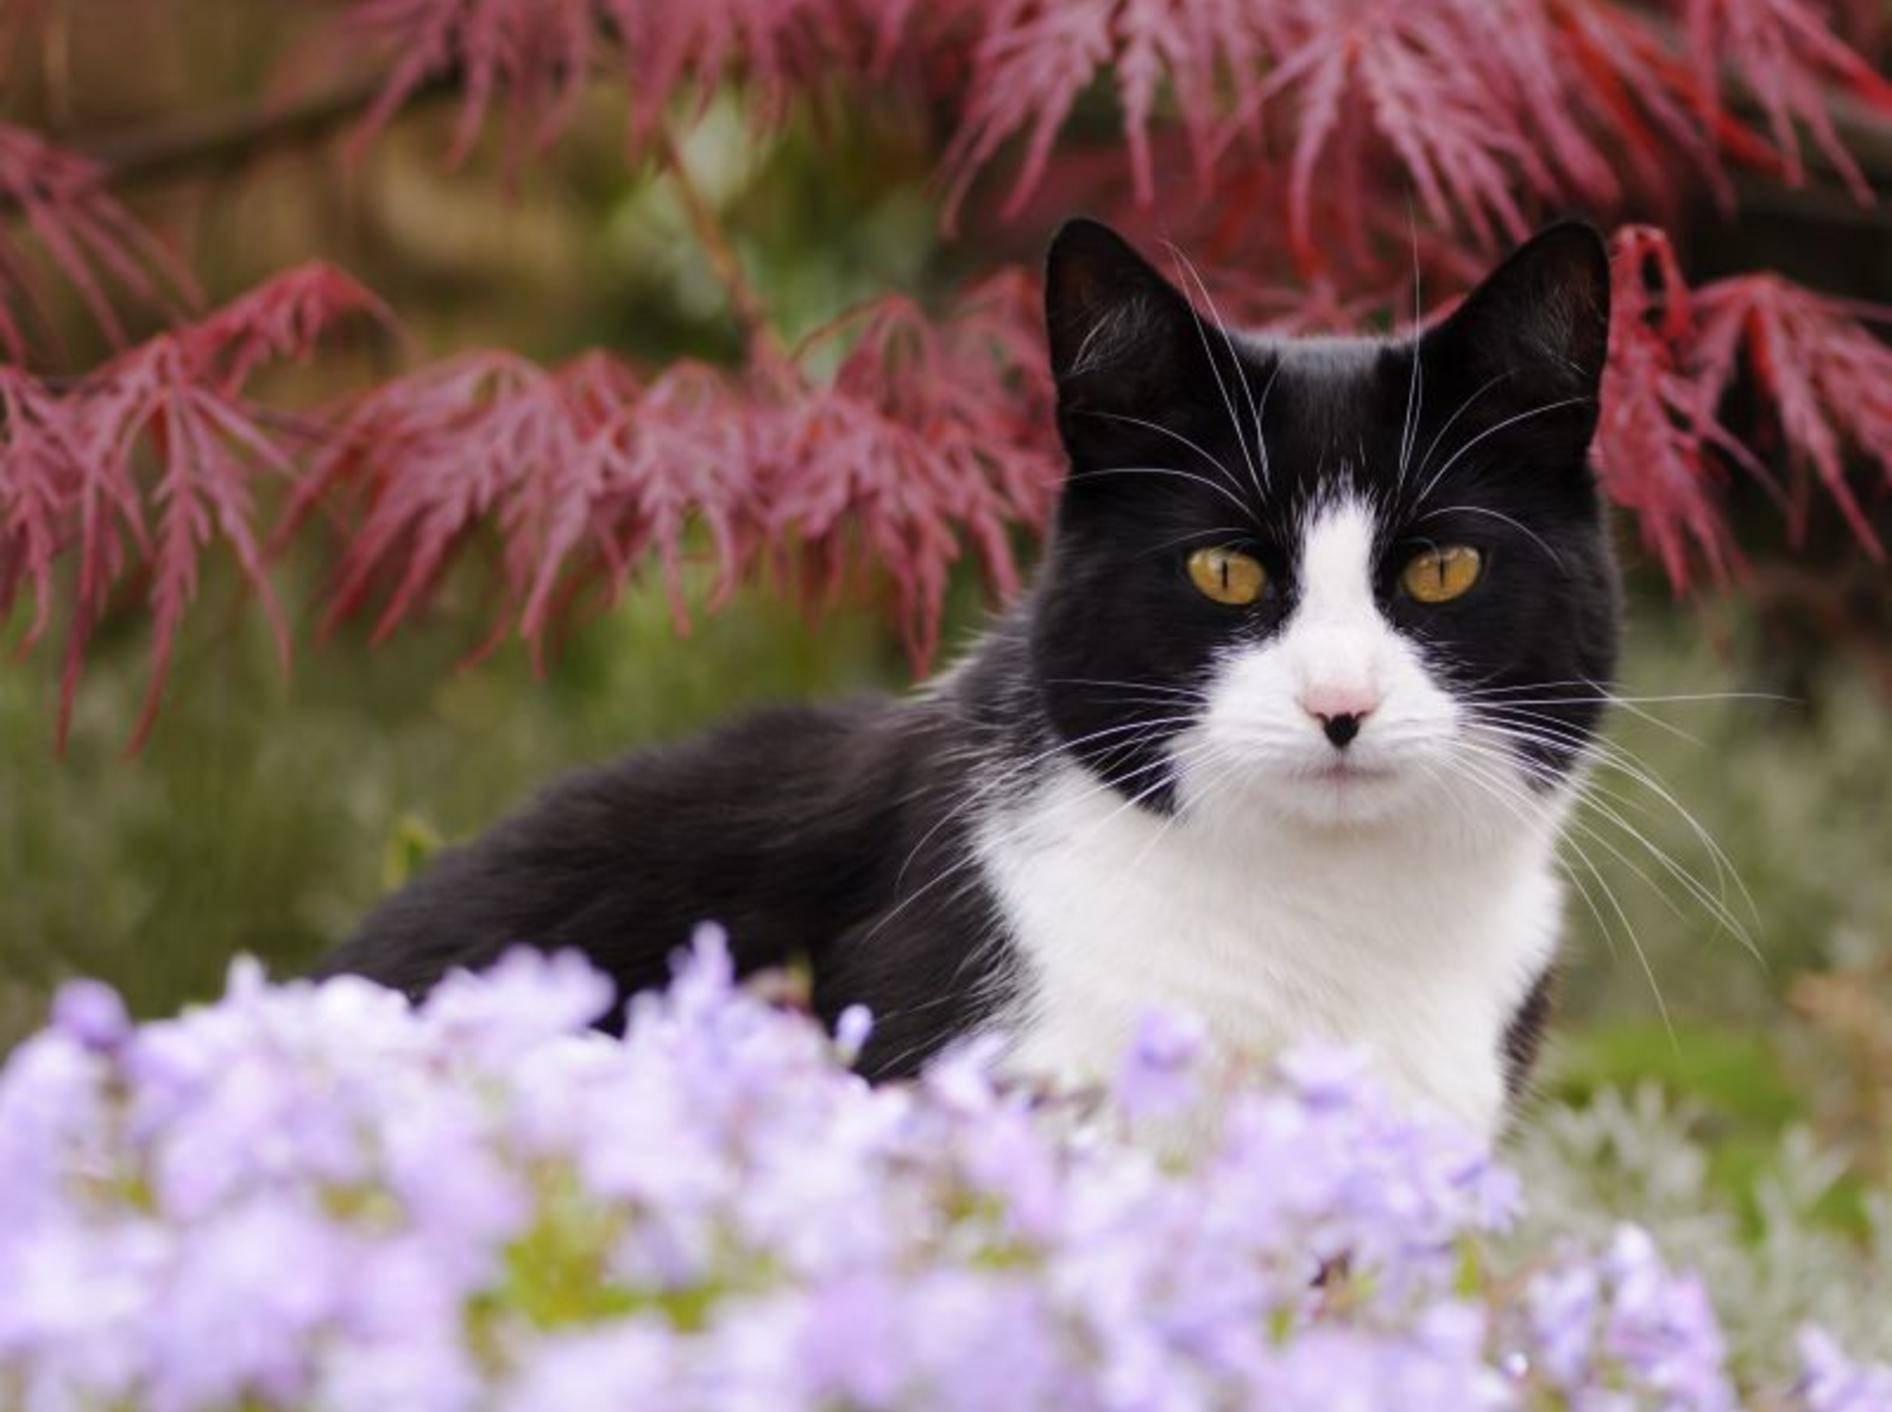 Platz 10: Charly ist nicht nur ein süßer, sondern auch ein schöner Katzenname und war 2013 ausgesprochen beliebt – Bild: Shutterstock / Bildagentur Zoonar GmbH